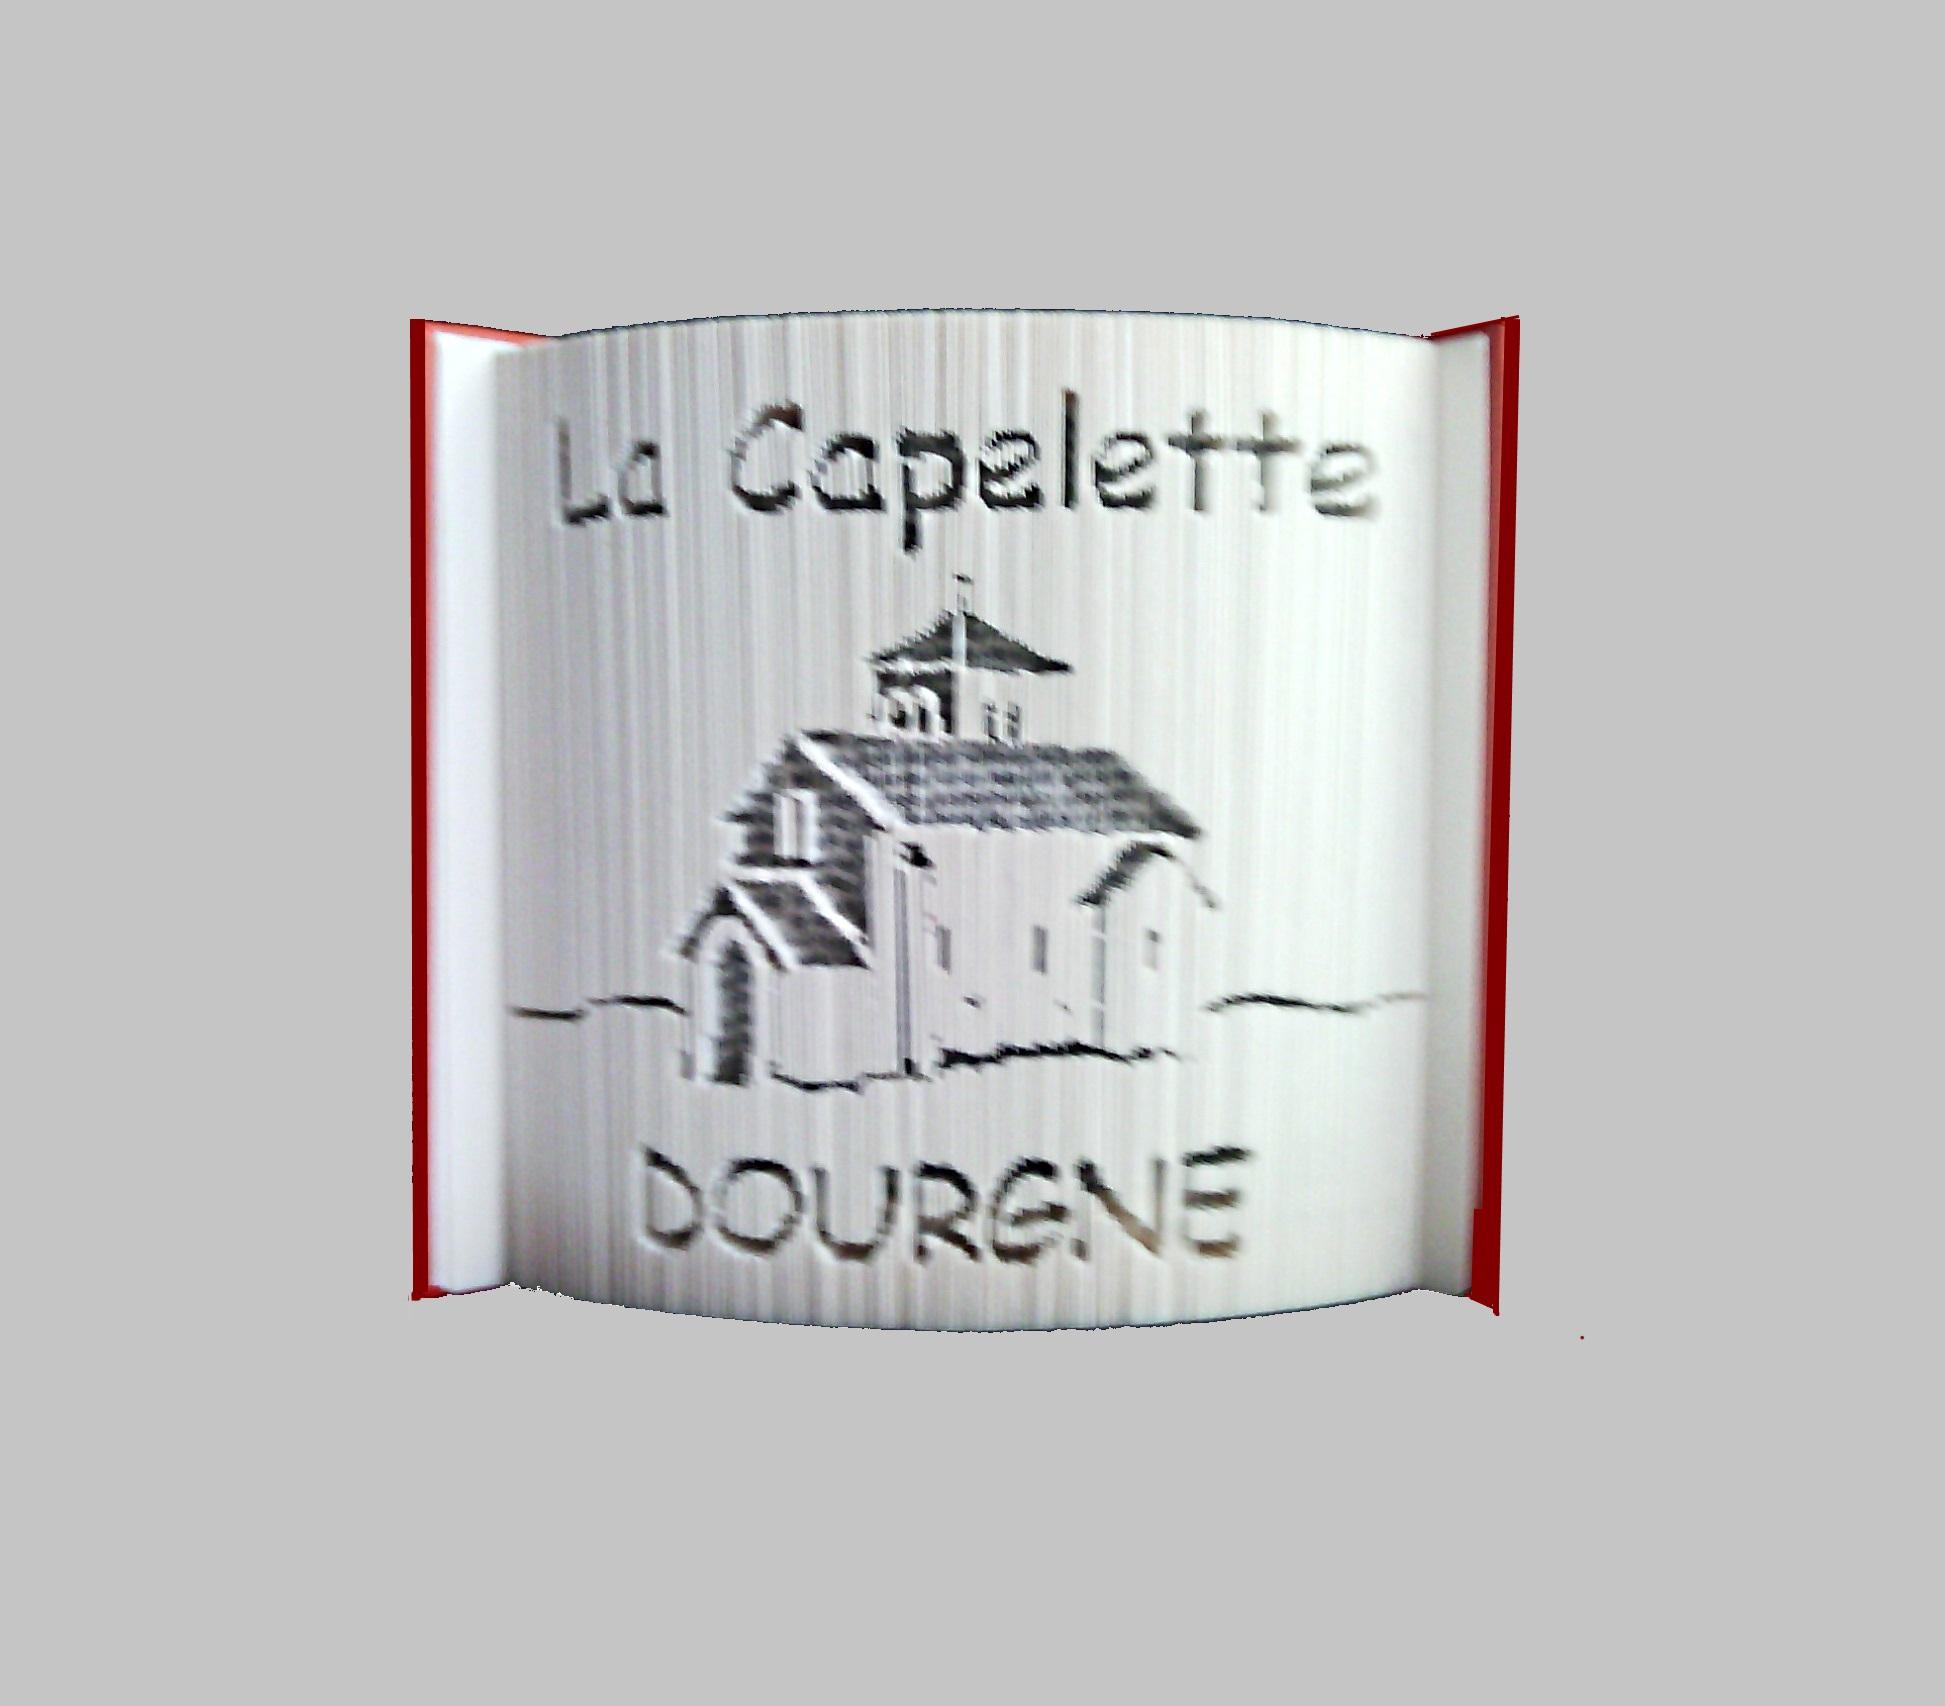 La Capelette (81).jpg